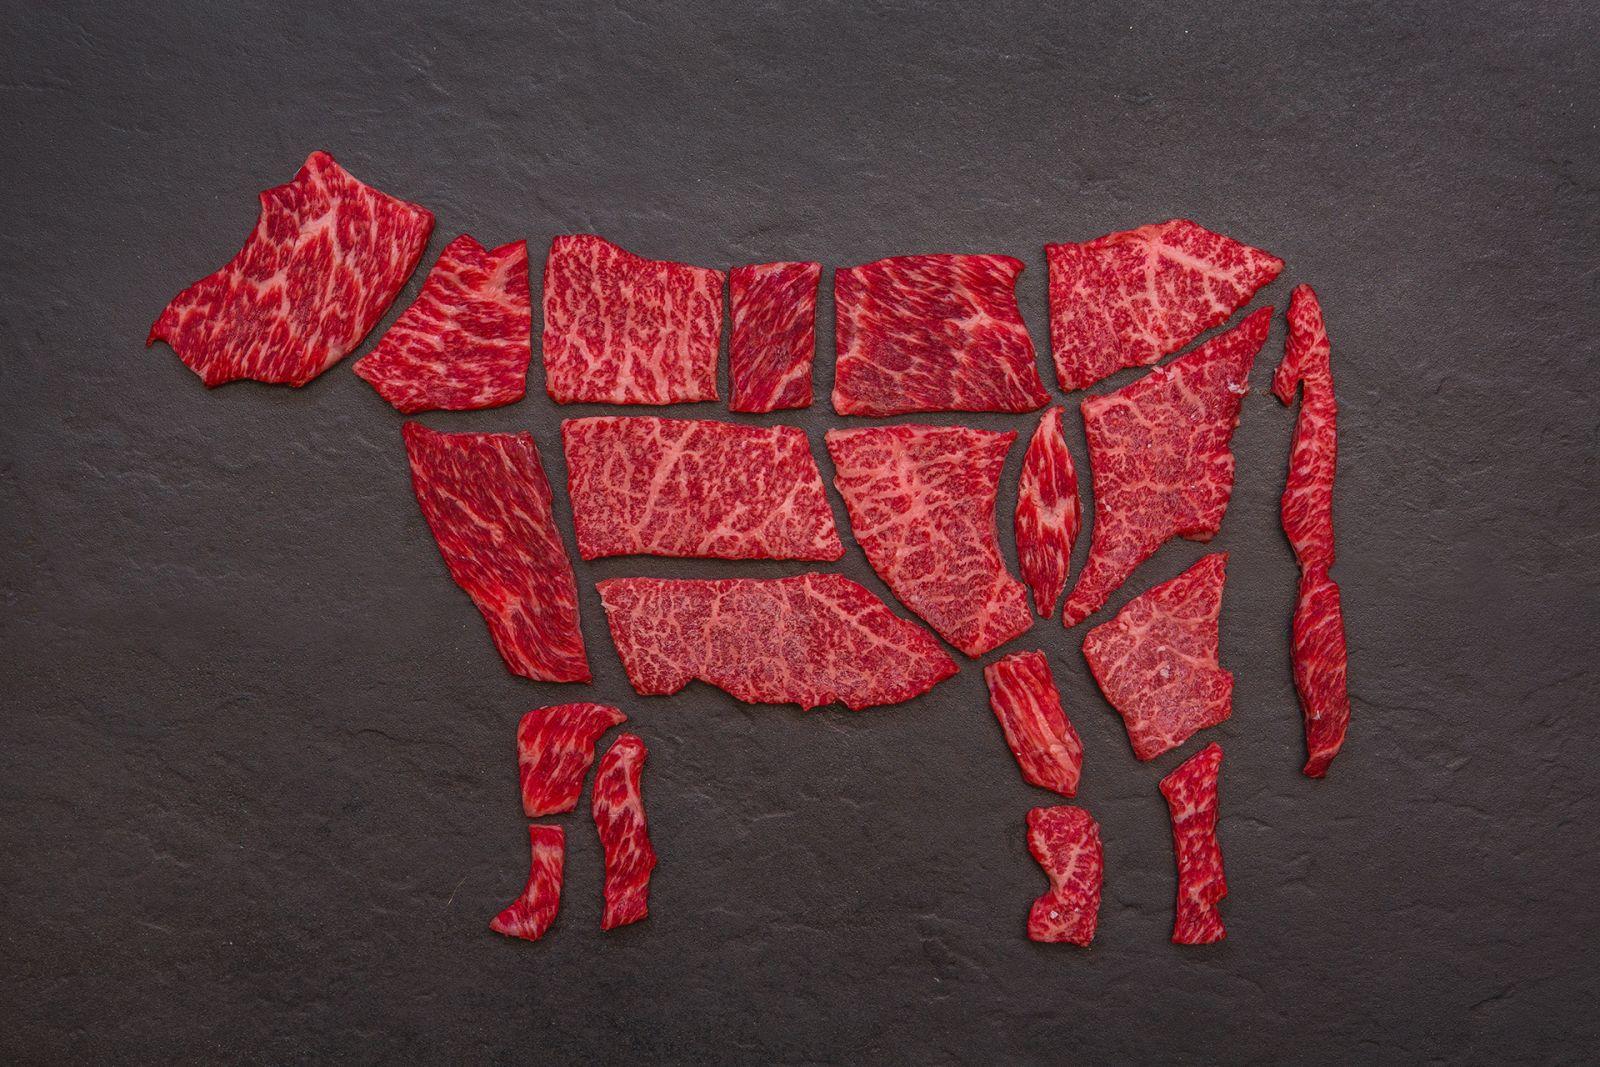 【全台獨家】超稀有!北海道直送富良野和牛 全館五廰推「全和牛宴」